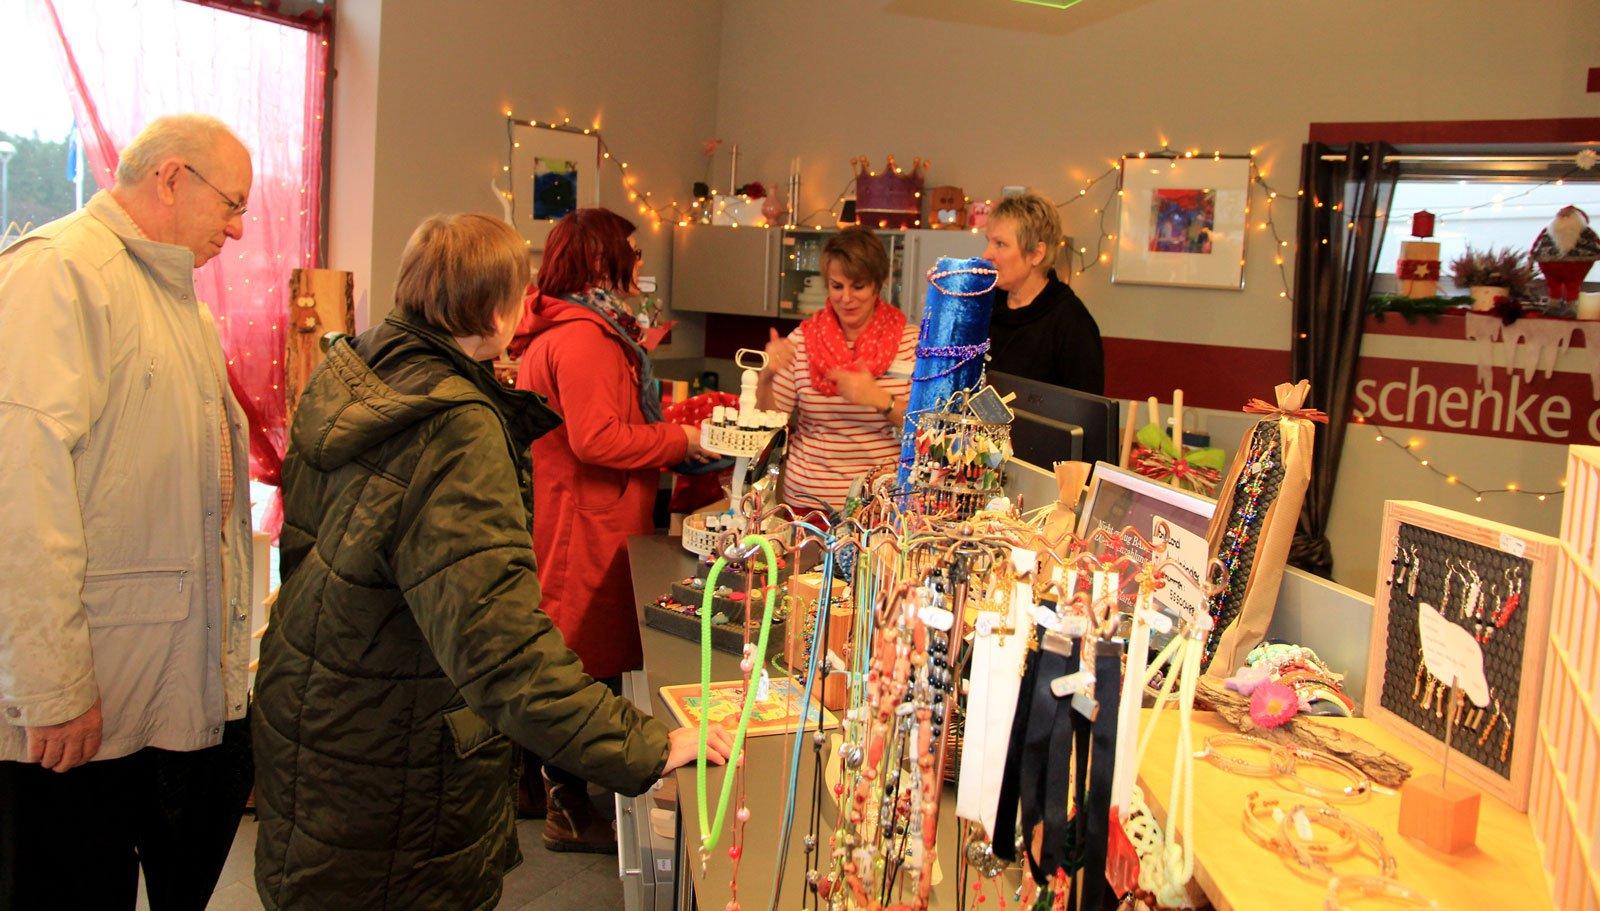 Einstimmen auf Weihnachten beim verkaufsoffenen Samstag der Moritzberg-Werkstätten am 25.11.2017. Bildszene Werkstattladen 2016.